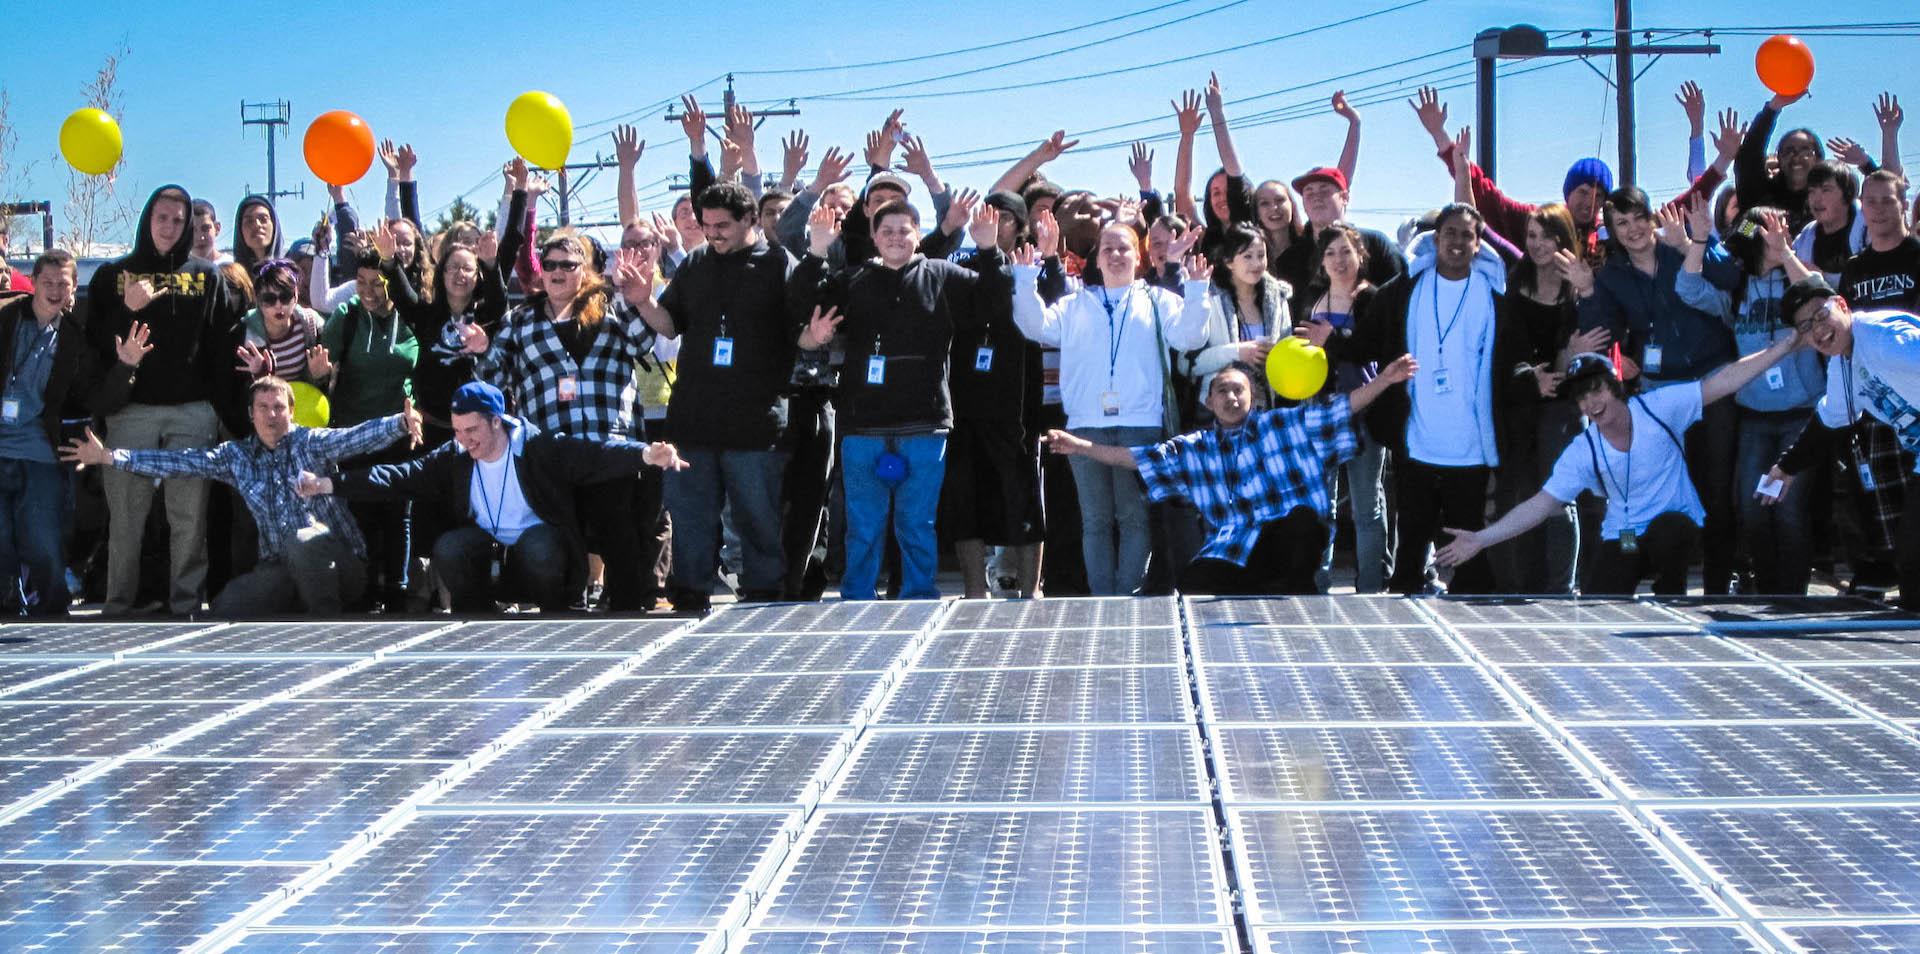 المانيا: الوصول لعدد (2) مليون محطة طاقة شمسية عاملة